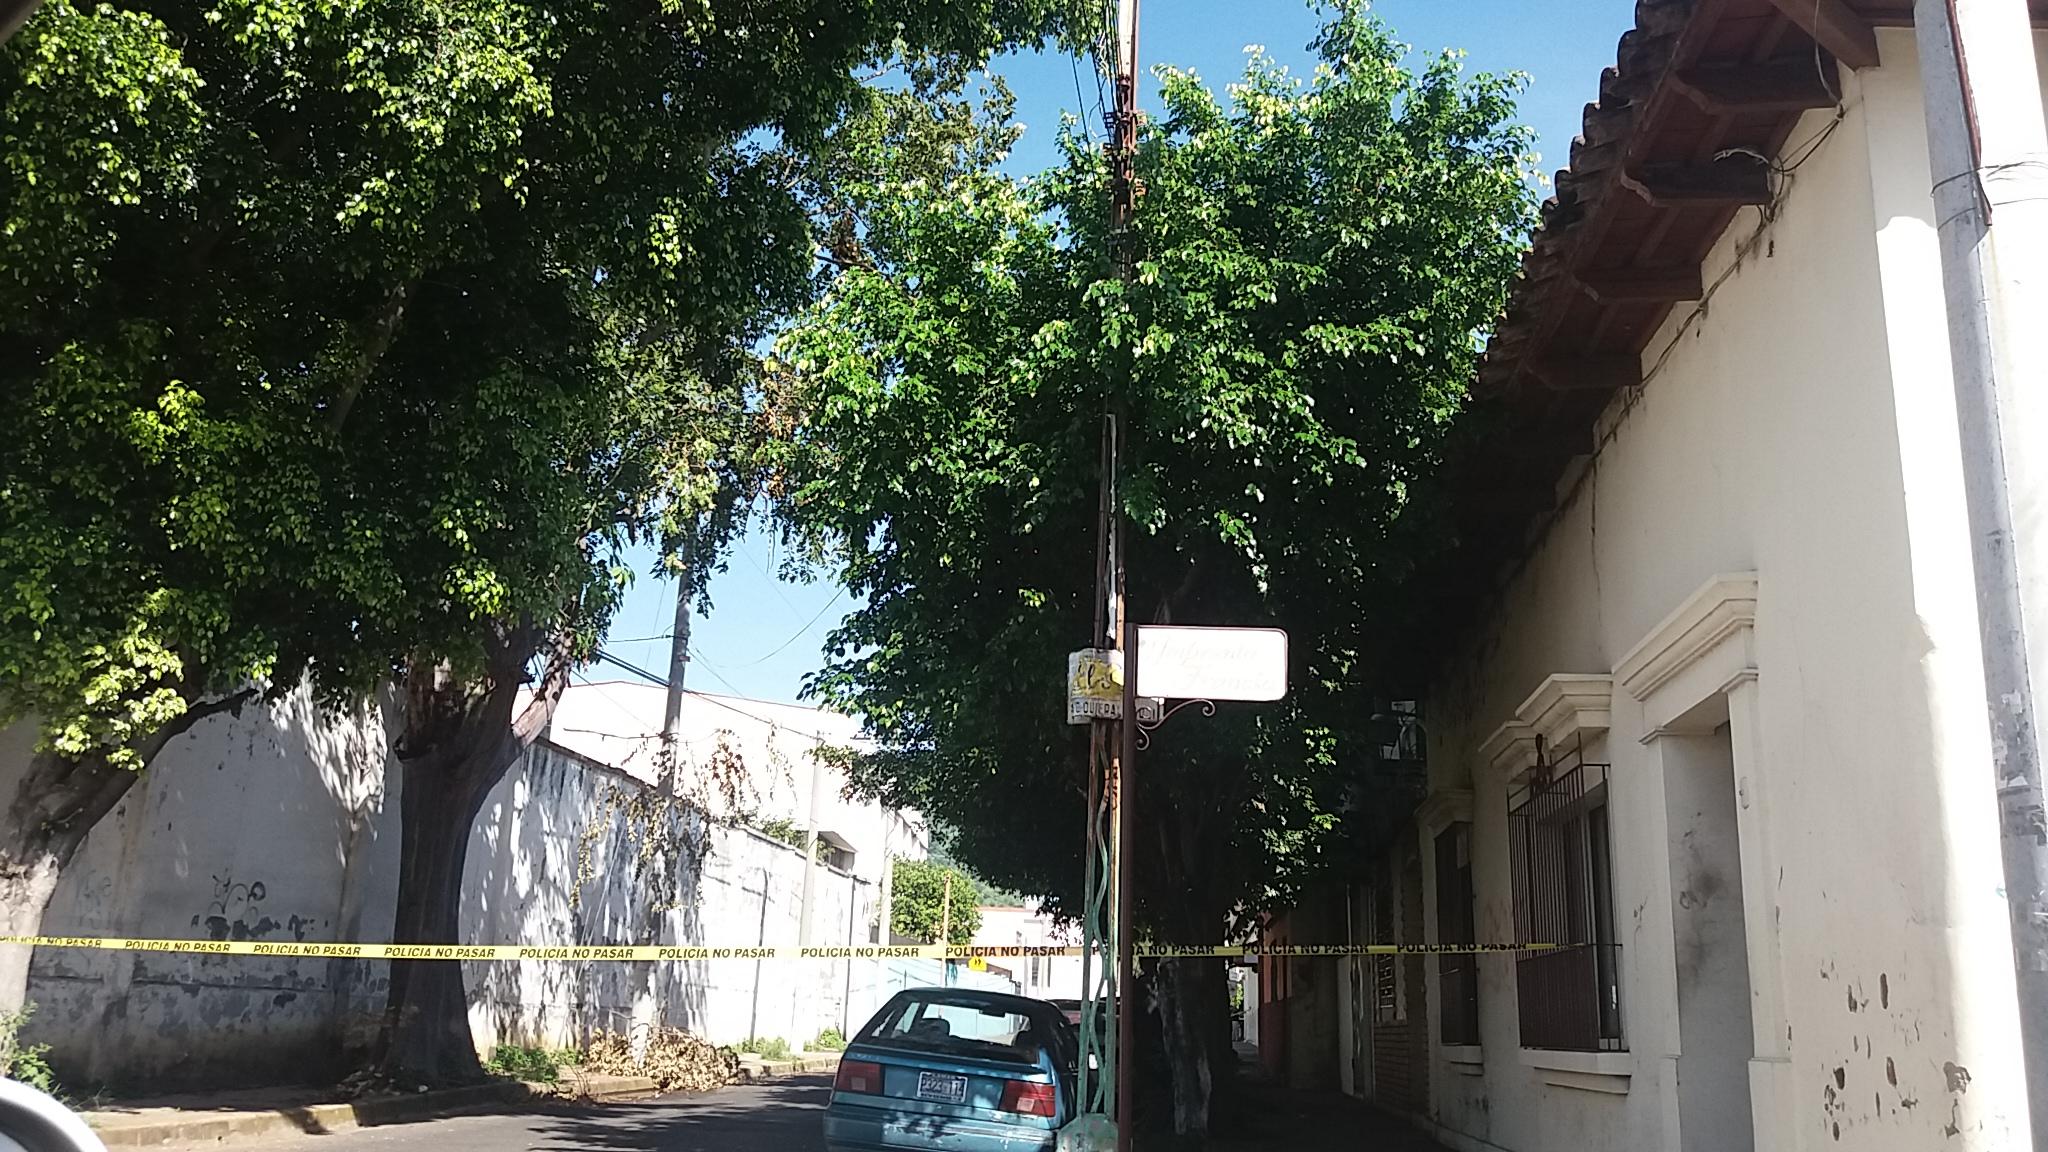 Instalaciones de la FGR fueron víctimas de vandalismo